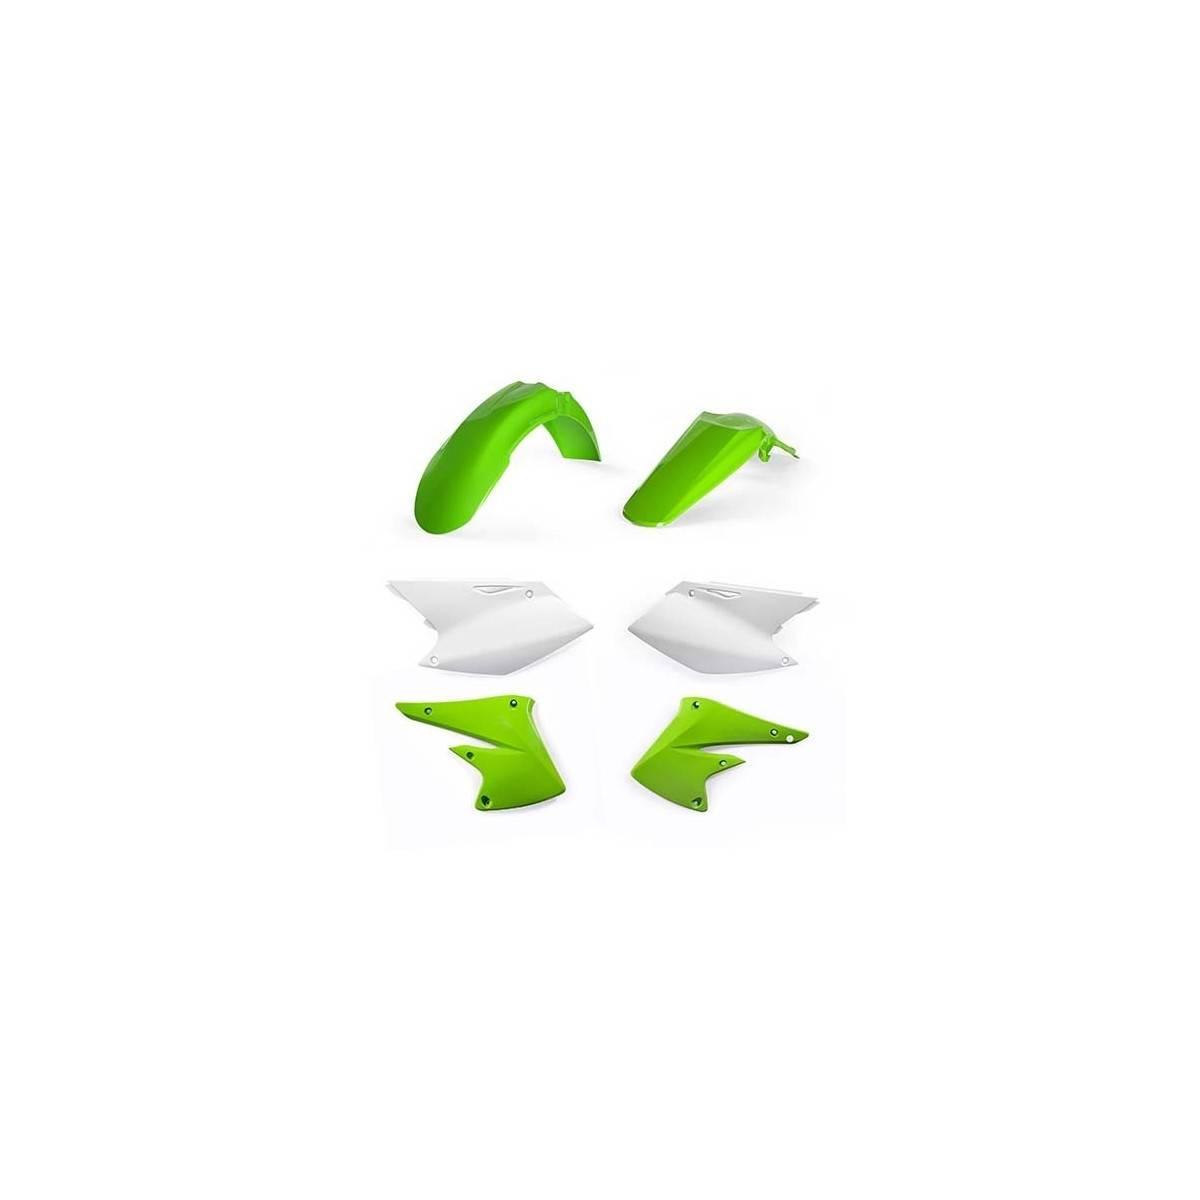 0022377-553 - Kit Plasticos Kxf 250 17 Origen